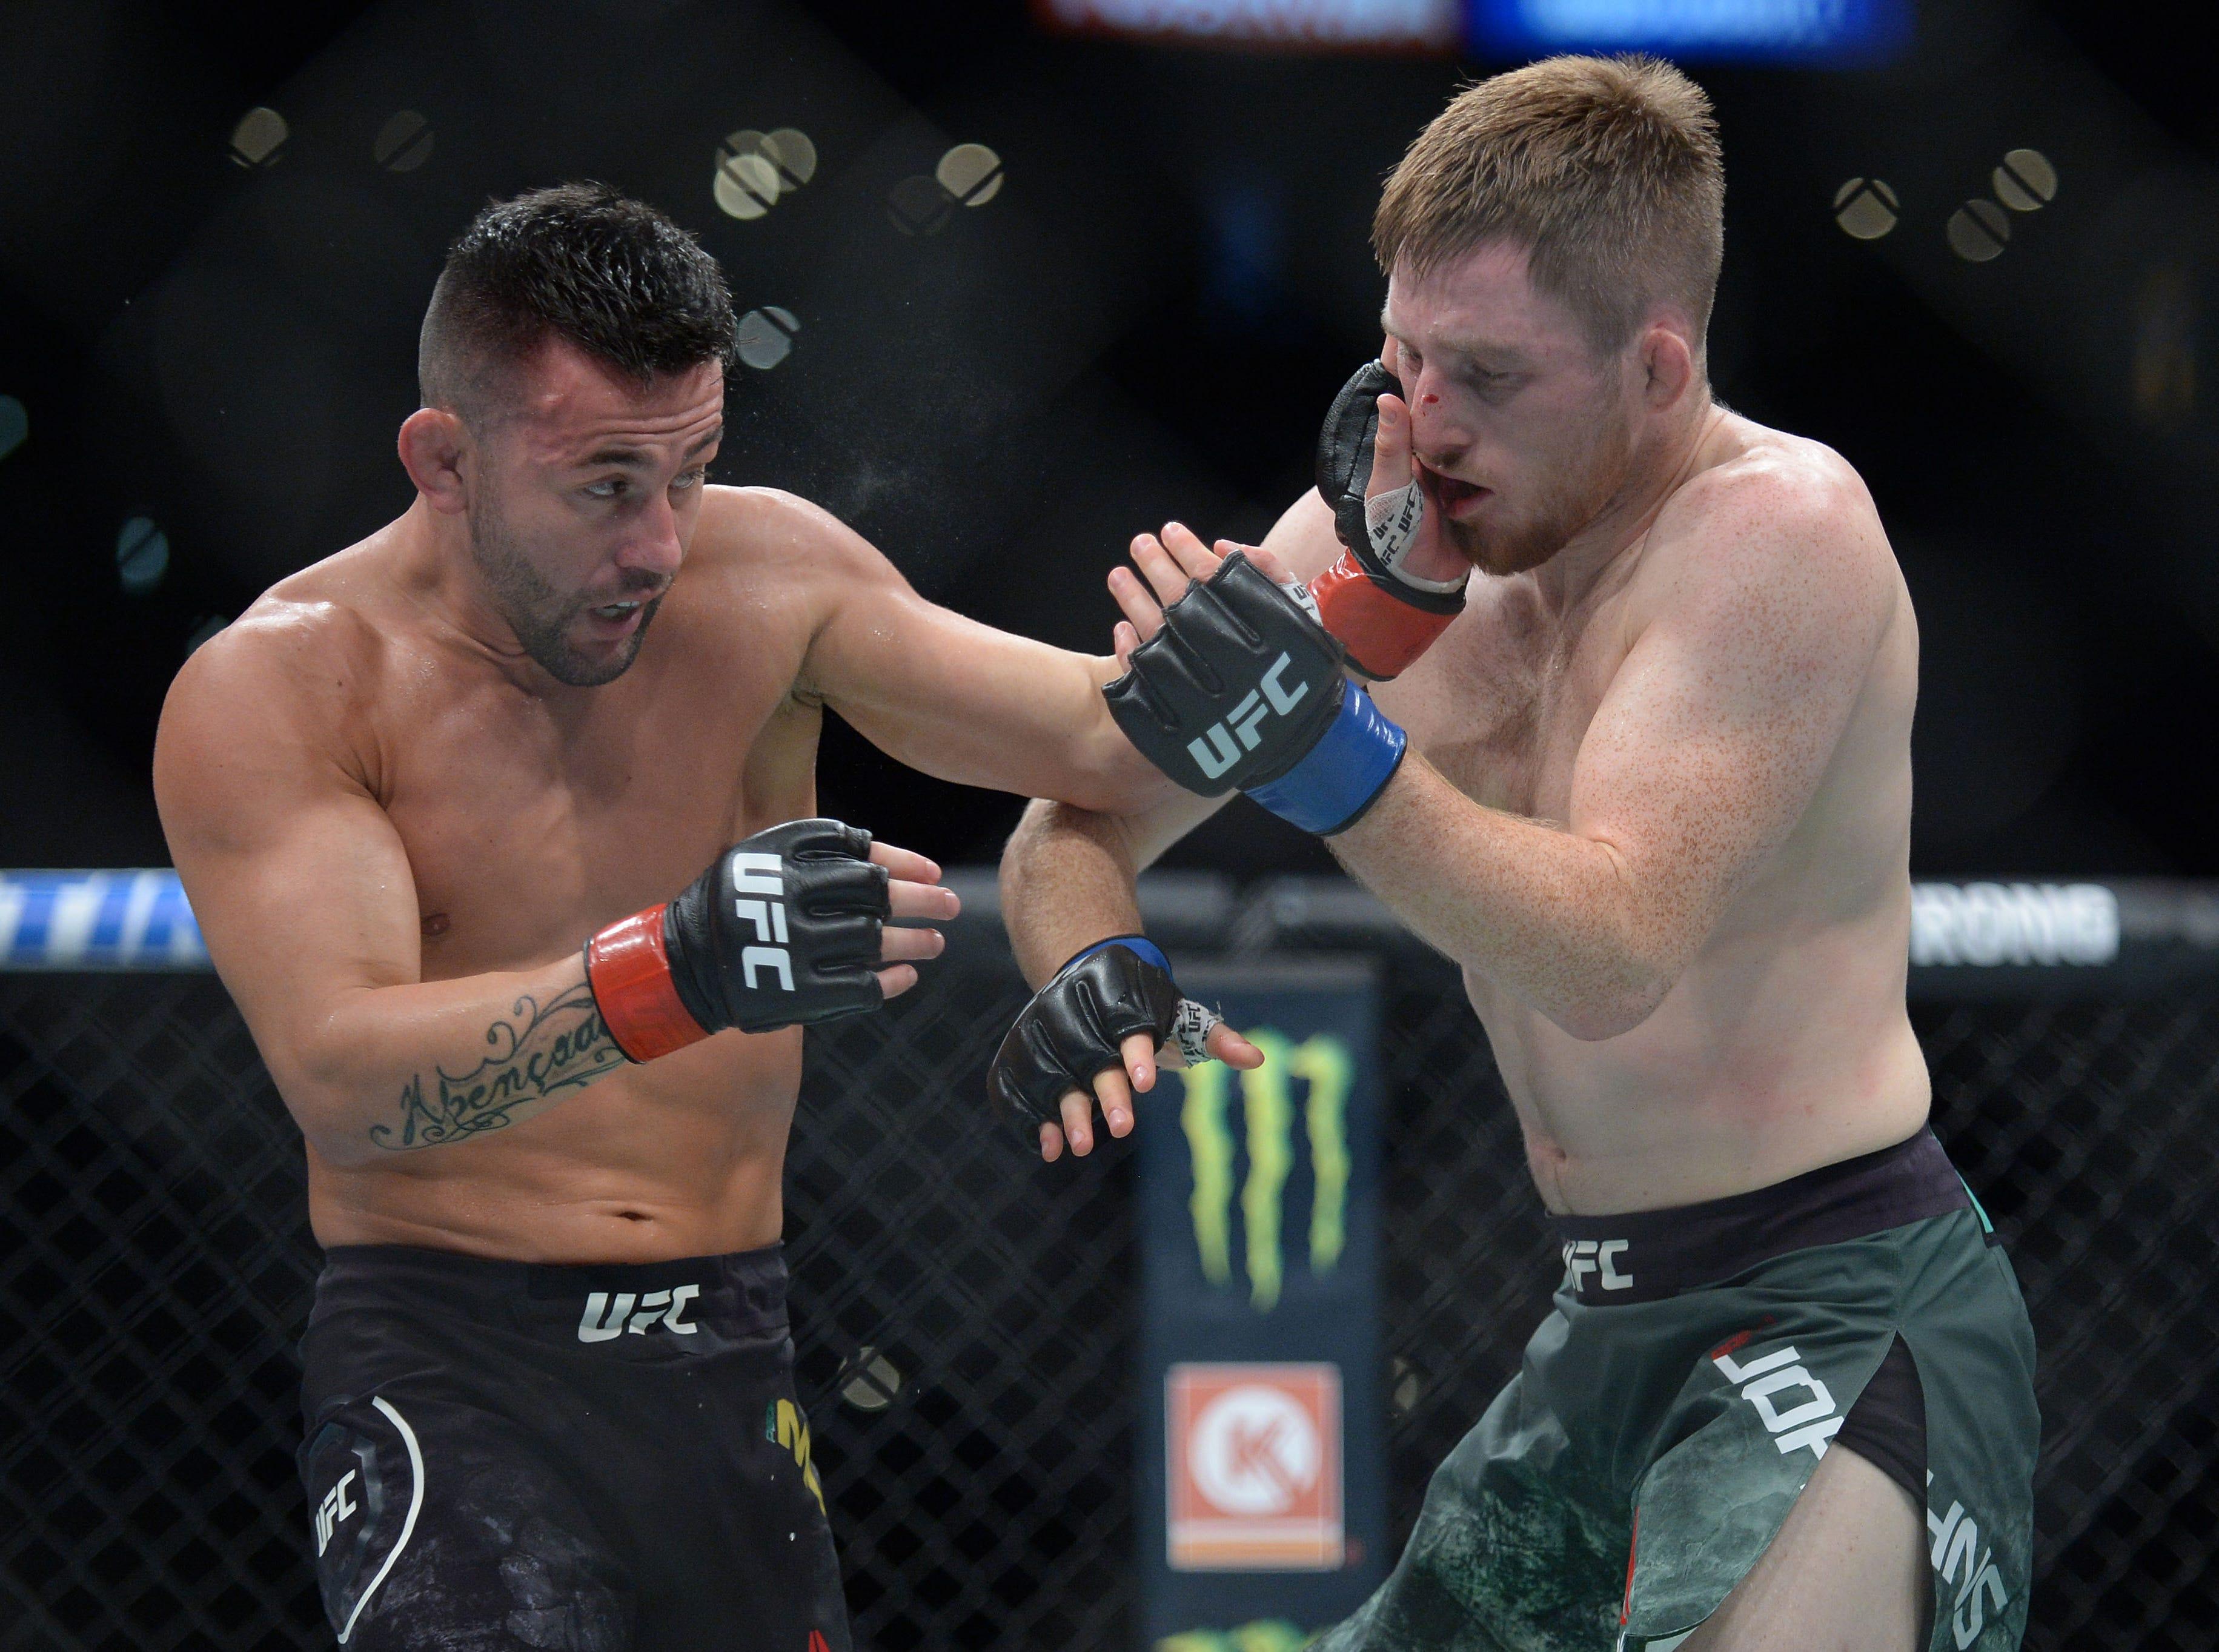 Pedro Munhoz lands a hit against Brett Johns during UFC 227 at Staples Center.